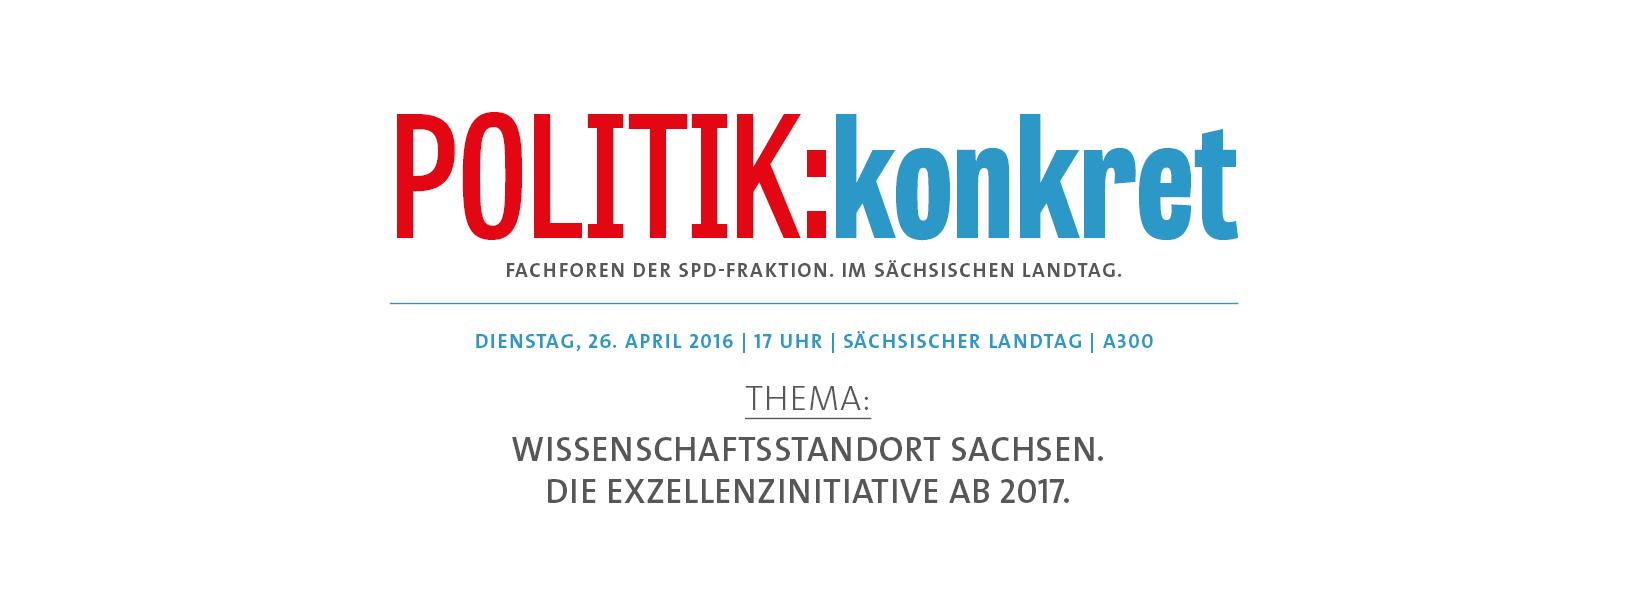 Politik:konkret - Fachforen der SPD-Fraktion. Im Sächsischen Landtag.